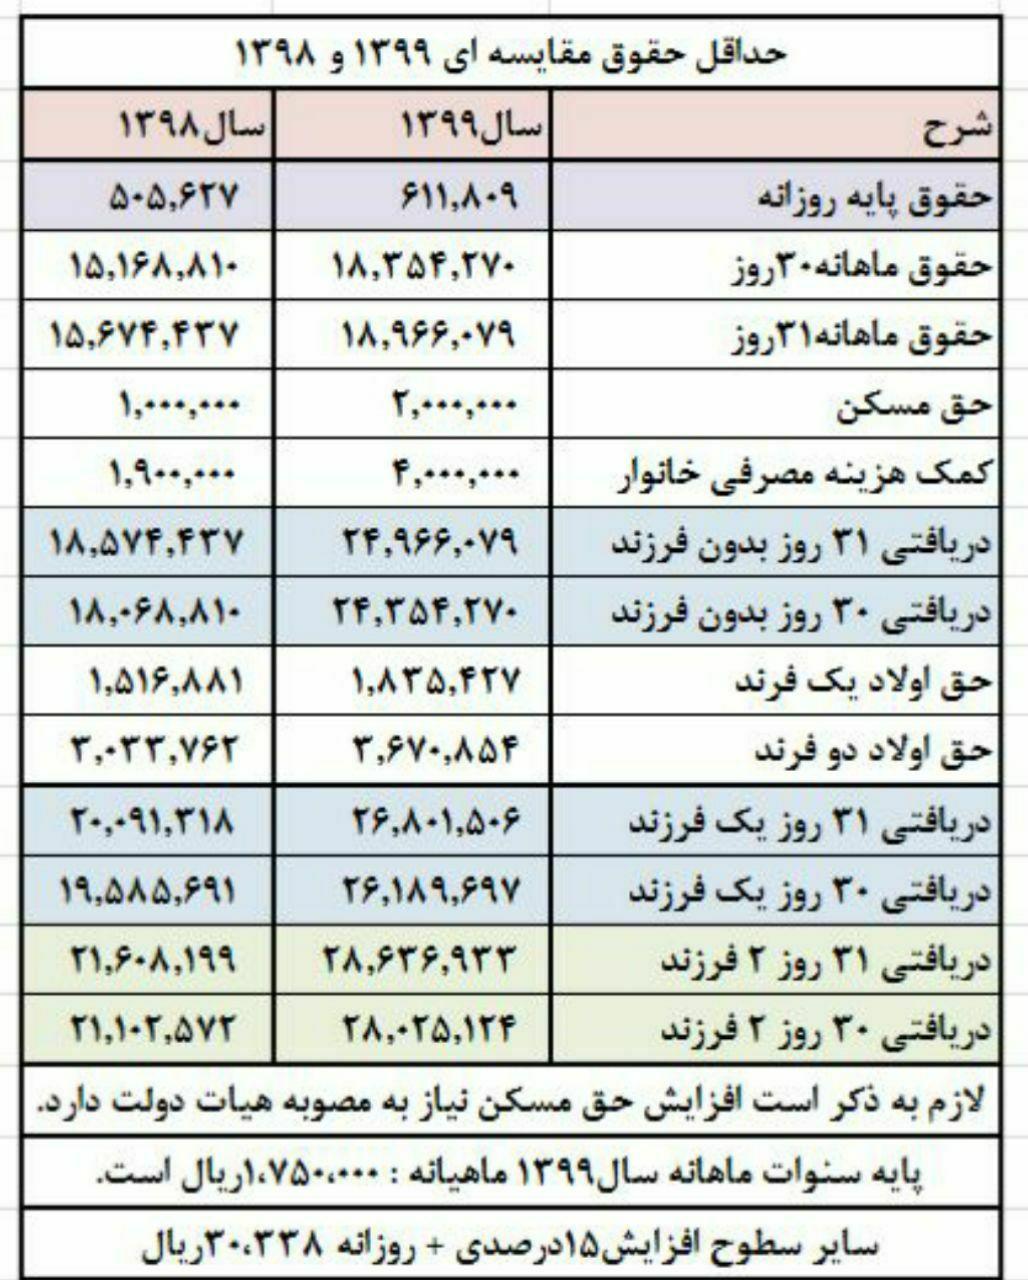 دانلود بخشنامه حقوق و دستمزد سال 1399 + آموزش